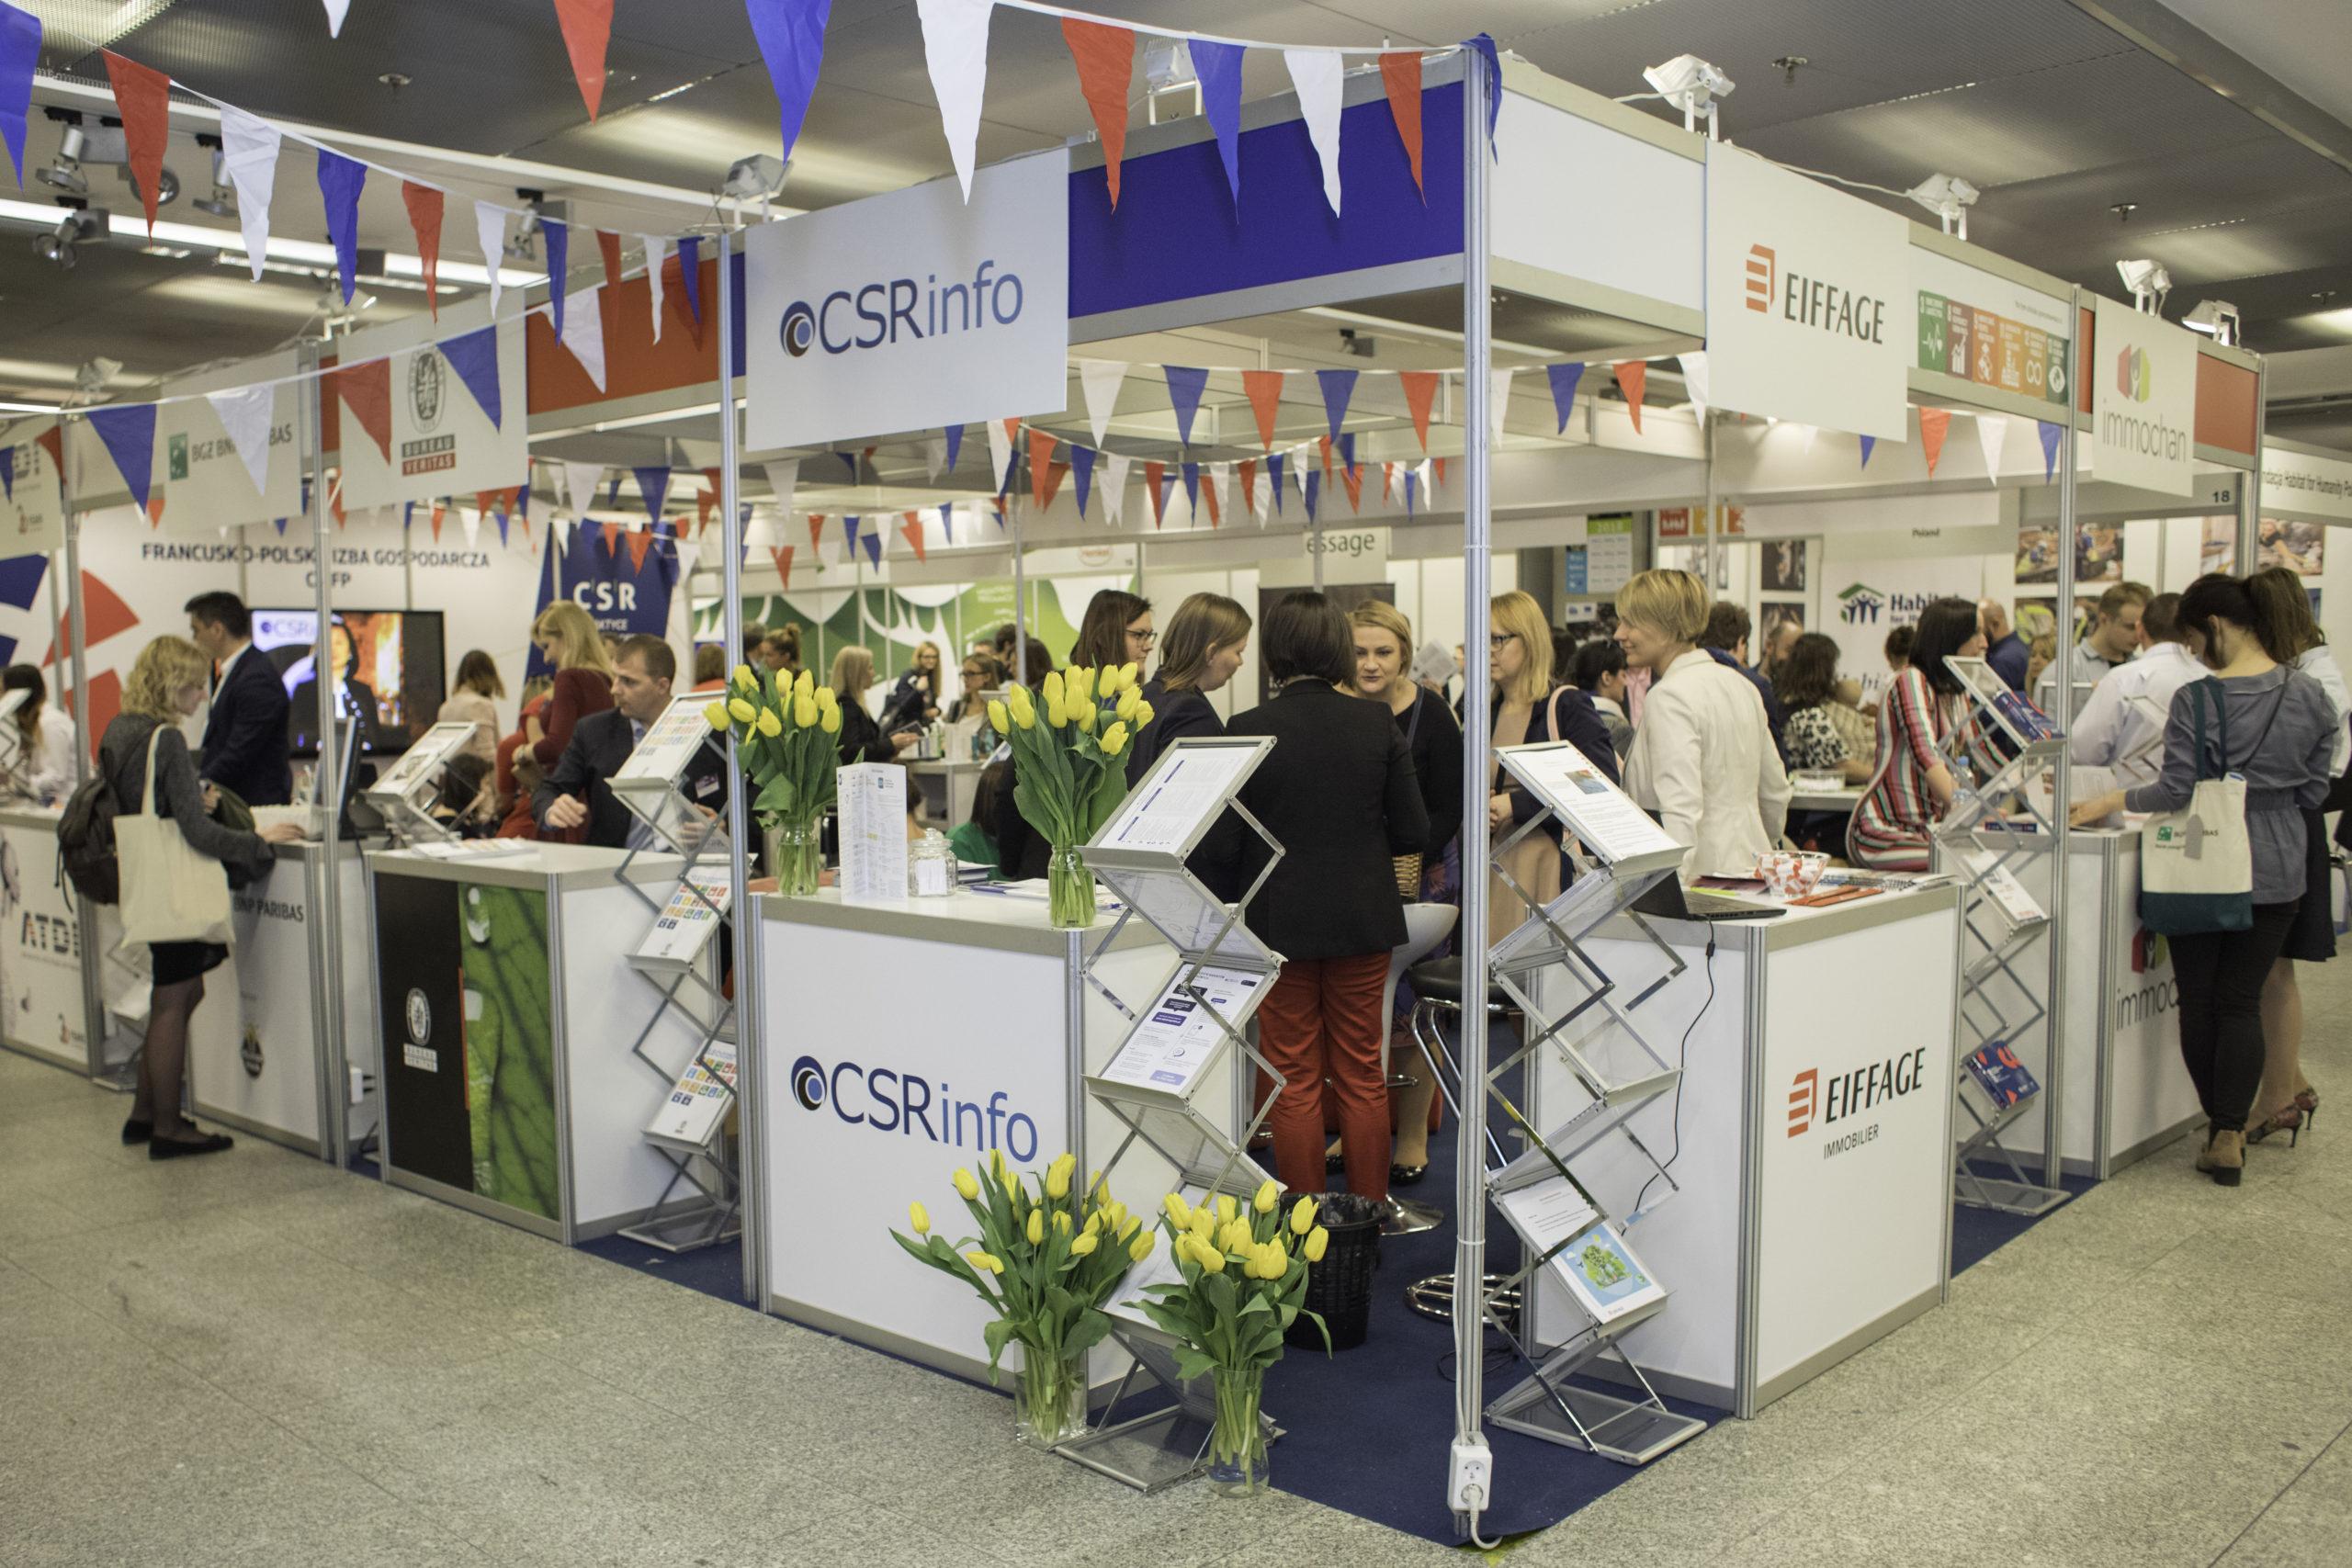 Eiffage wystawcą nawarszawskich Targach CSR